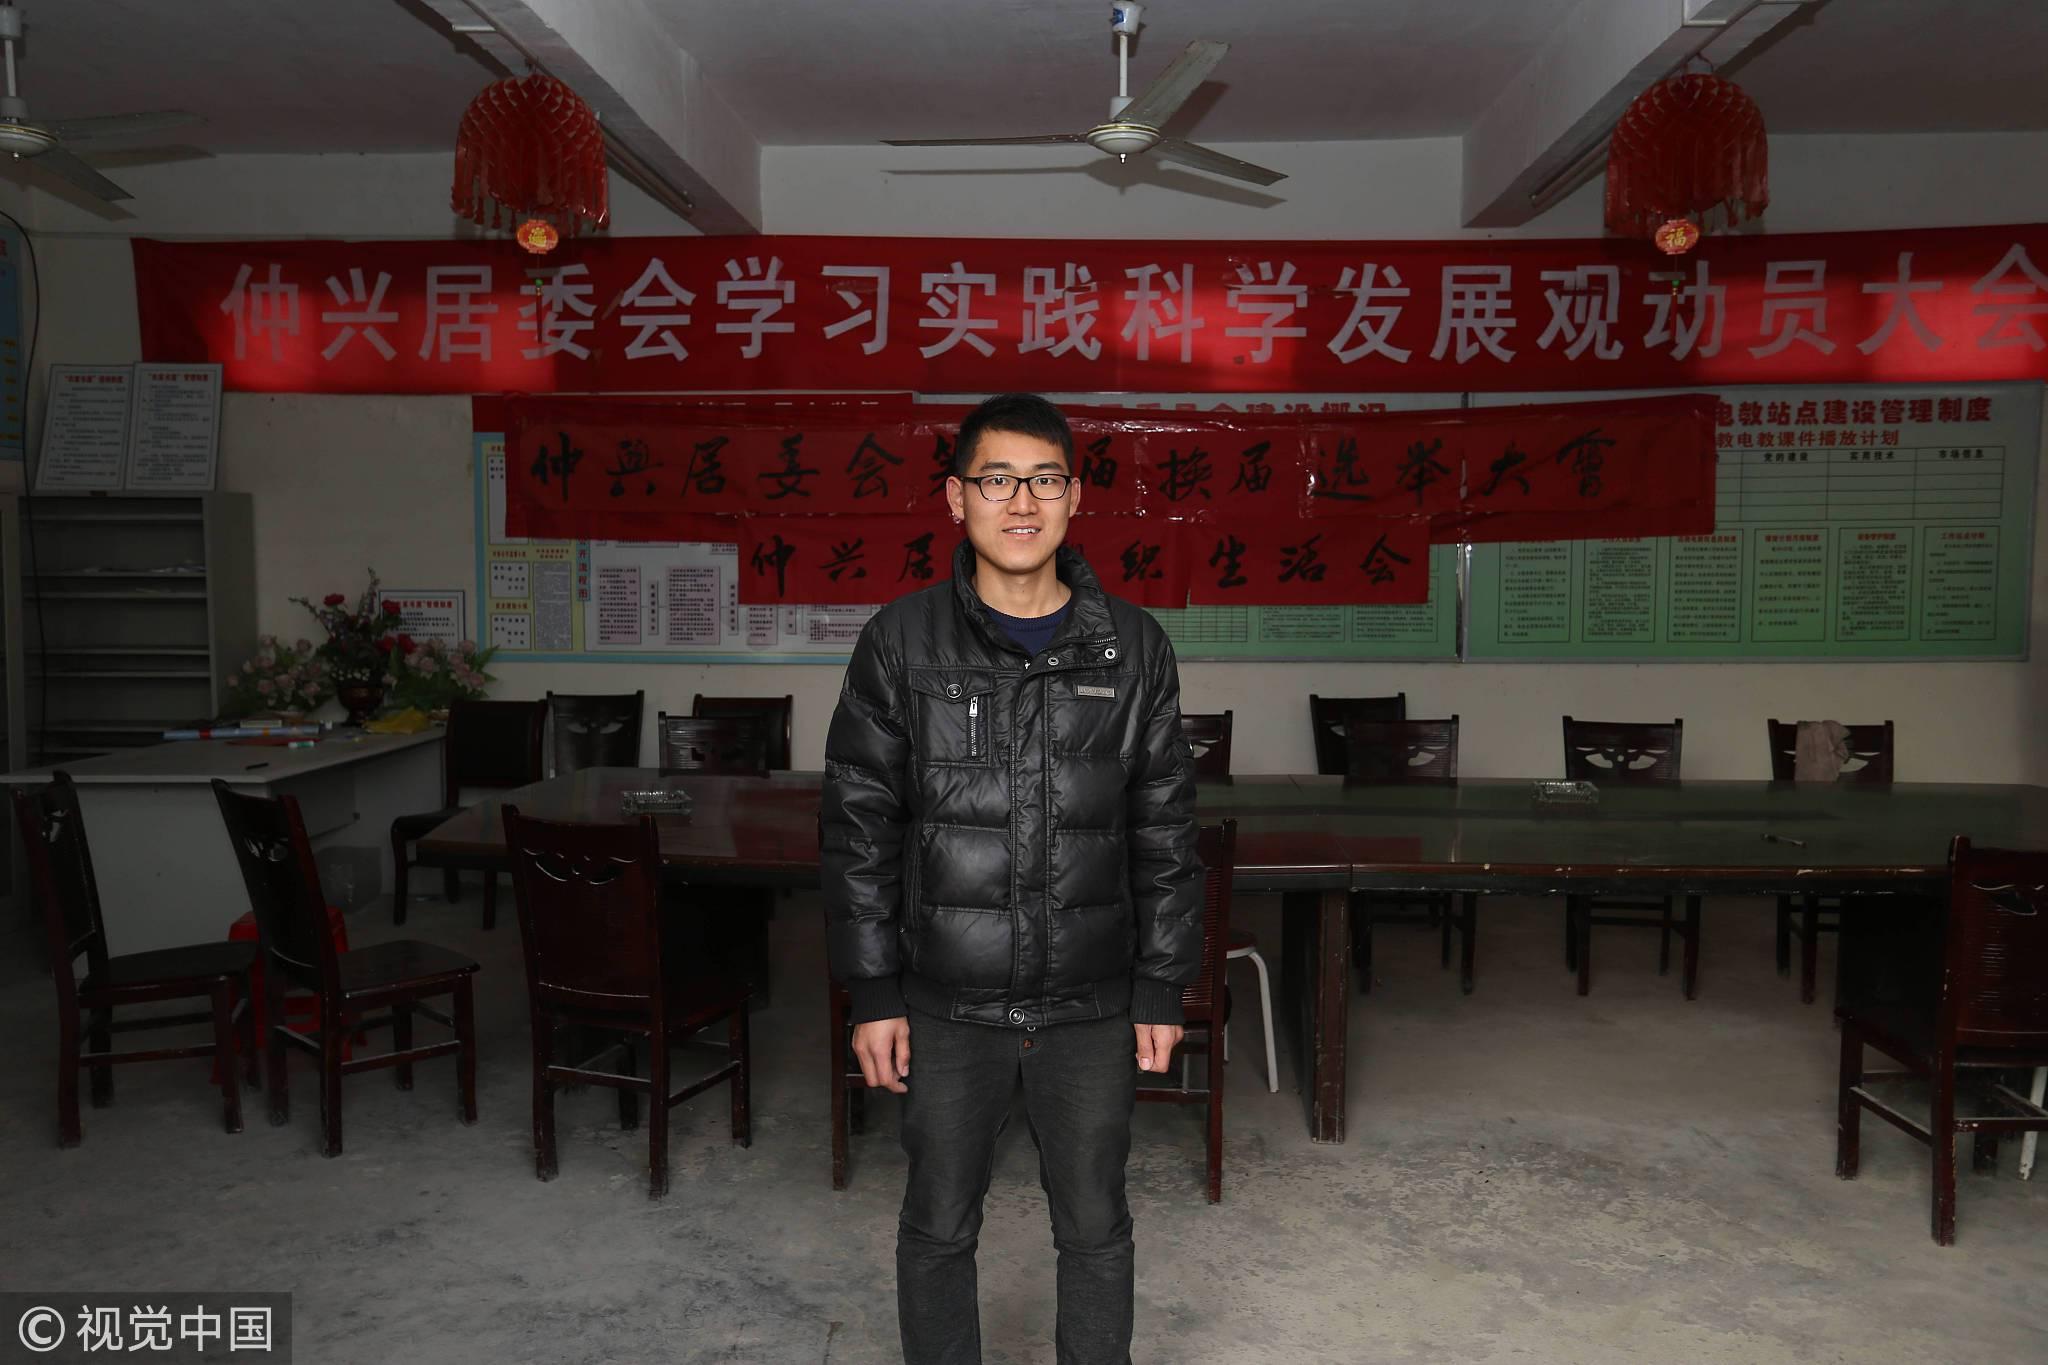 1991年出生的孙超,两年前通过安徽省大学生村官考试,现在在仲兴乡仲兴居委会担任村团委书记和村支部副书记。/视觉中国